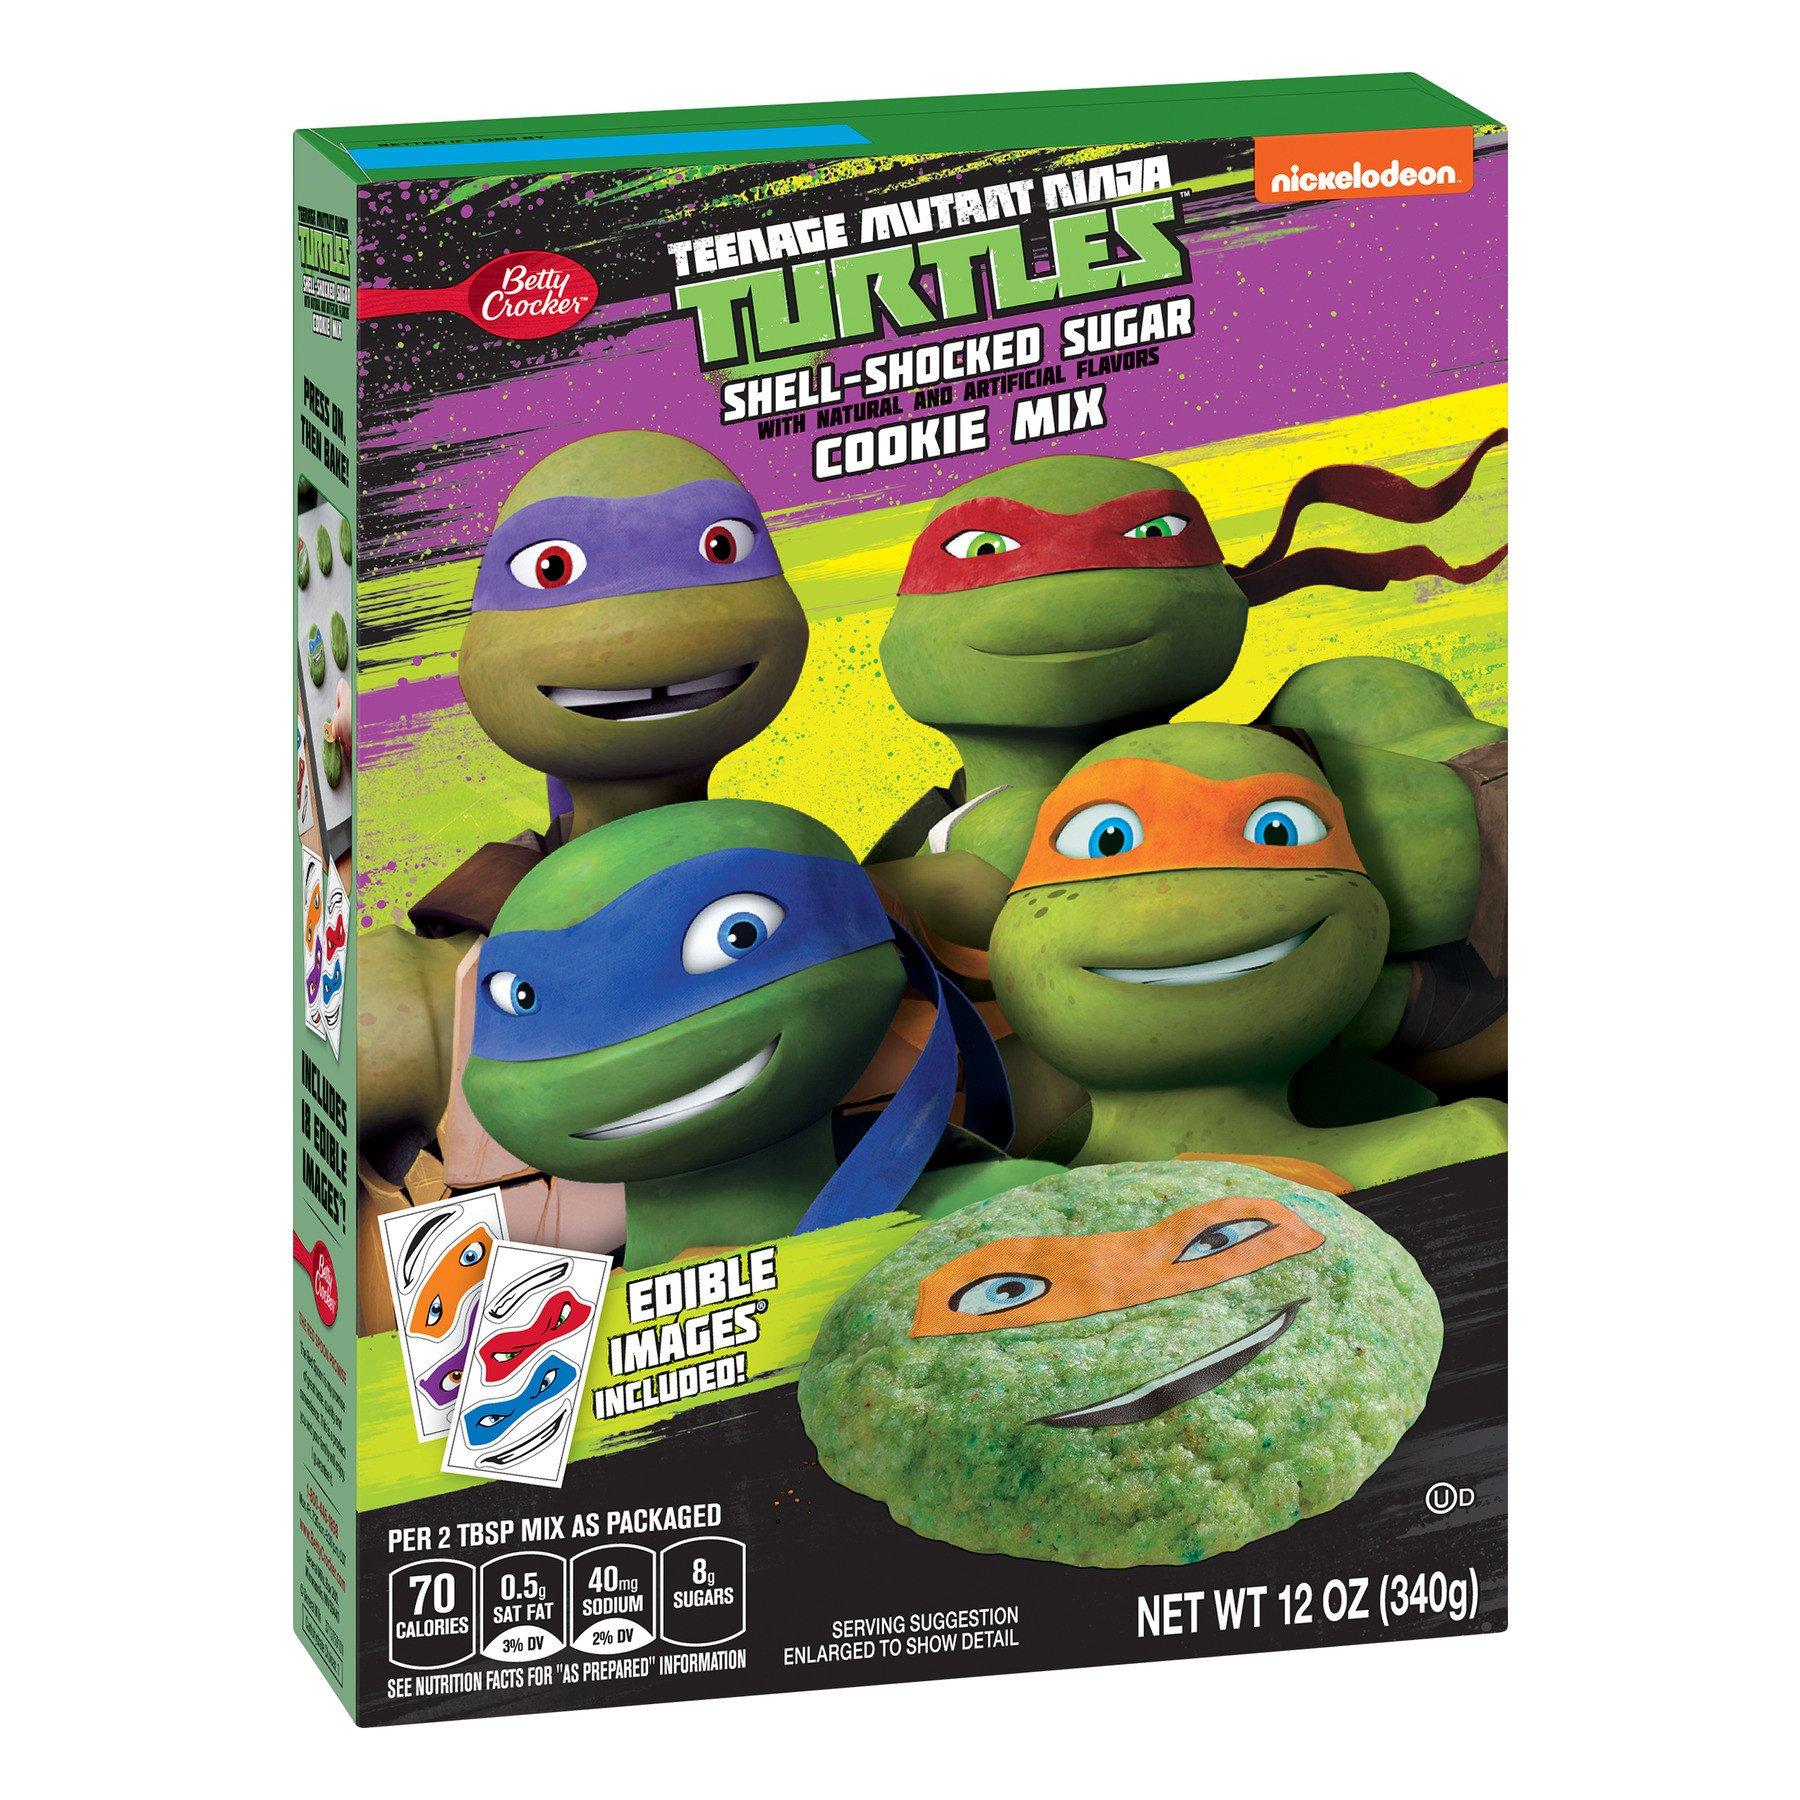 Ninja Turtles Bedroom Ideas Fresh Betty Crocker Teenage Mutant Ninja Turtle Shell Shocked Sugar Cookie Mix Walmart